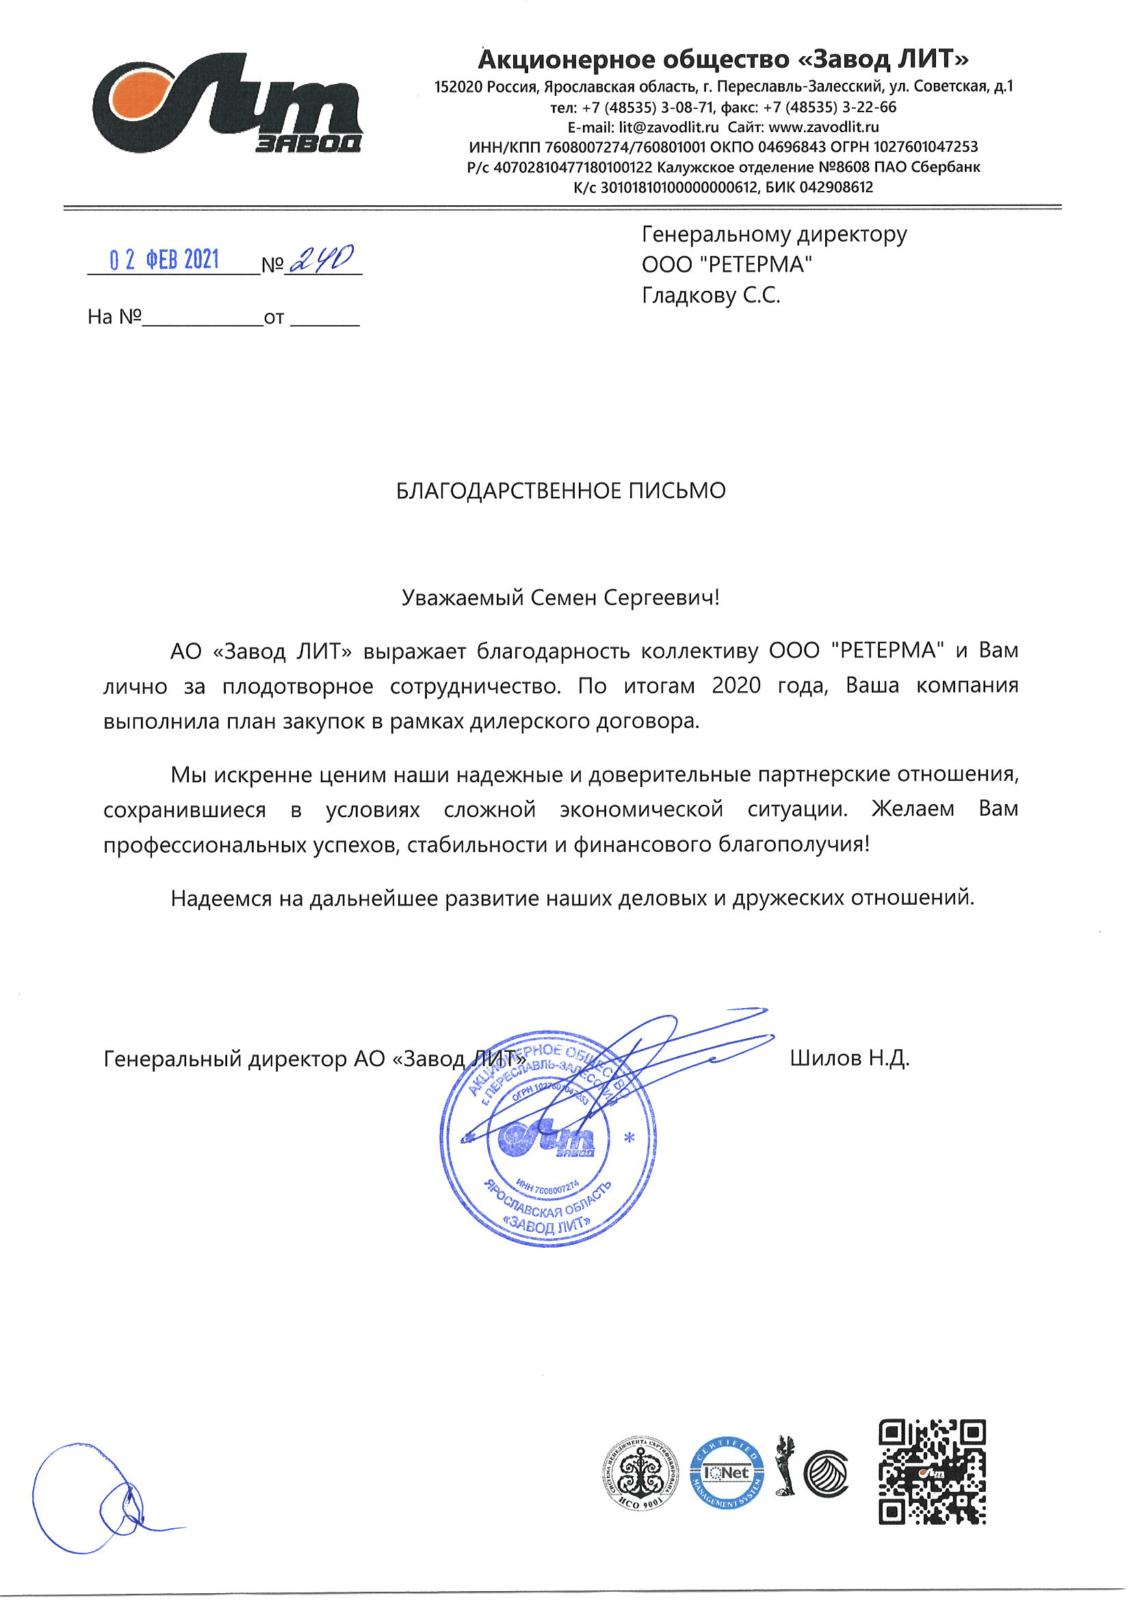 БЛАГОДАРСТВЕННОЕ ПИСЬМО АО «Завод ЛИТ»